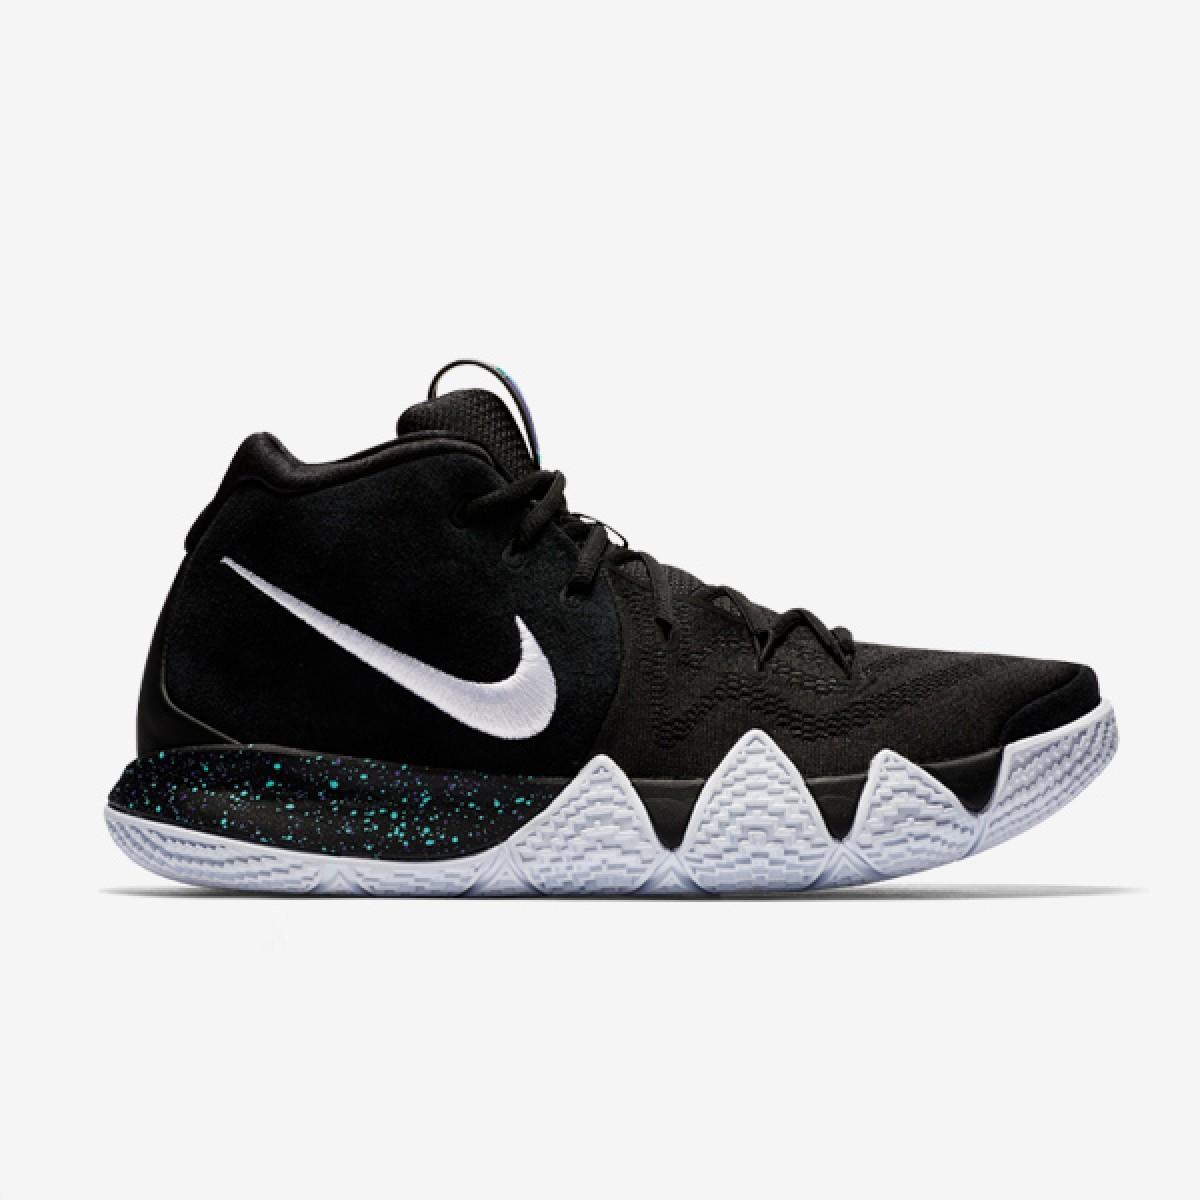 Nike Kyrie 4 'Black/White'